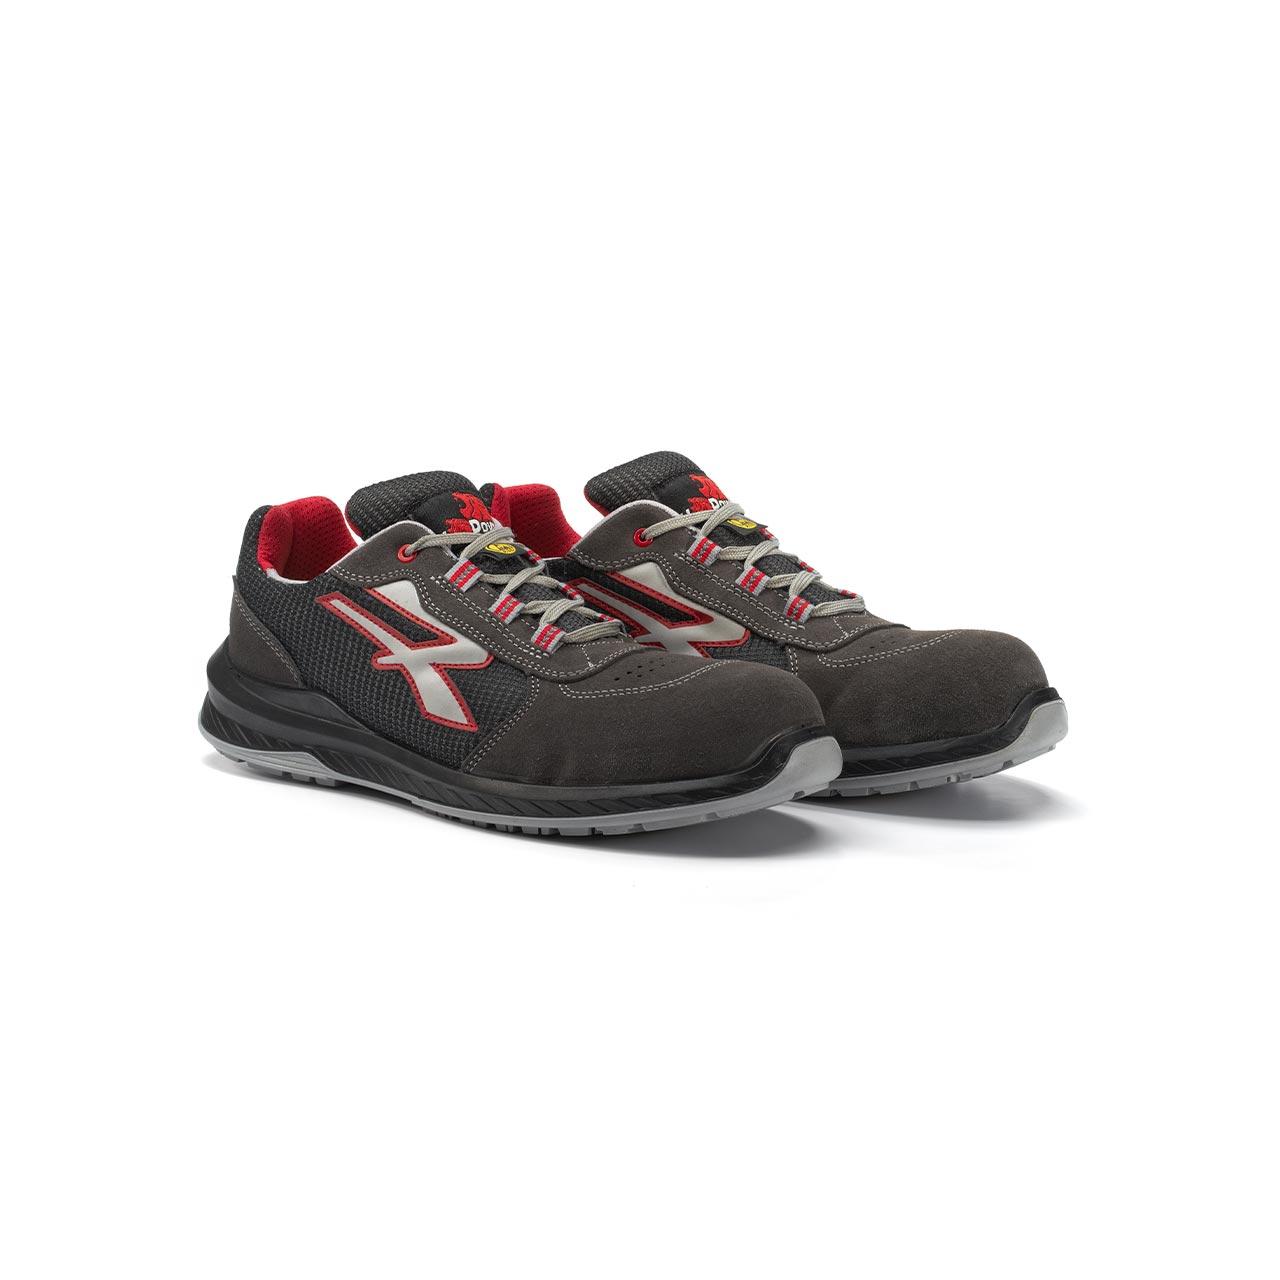 paio di scarpe antinfortunistiche upower modello demon linea redindustry vista prospettica